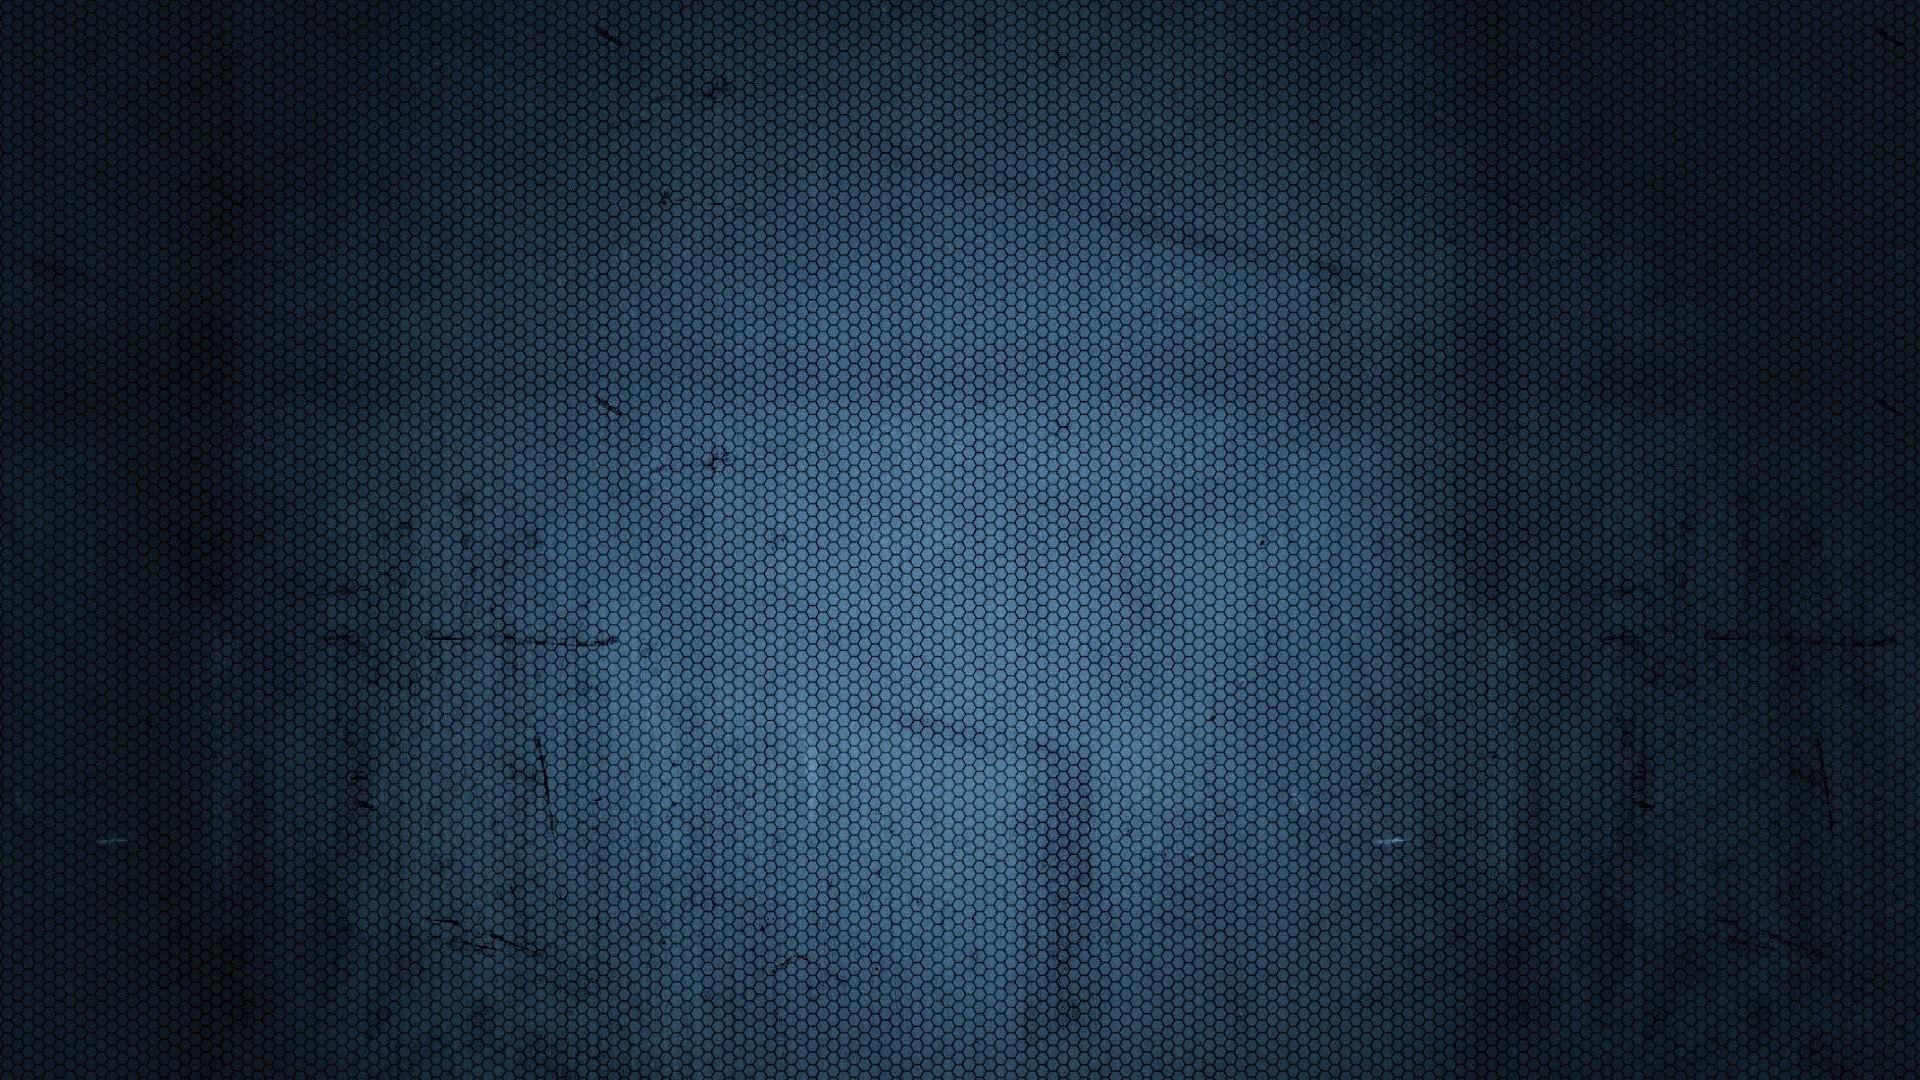 Dark Blue Texture 597411